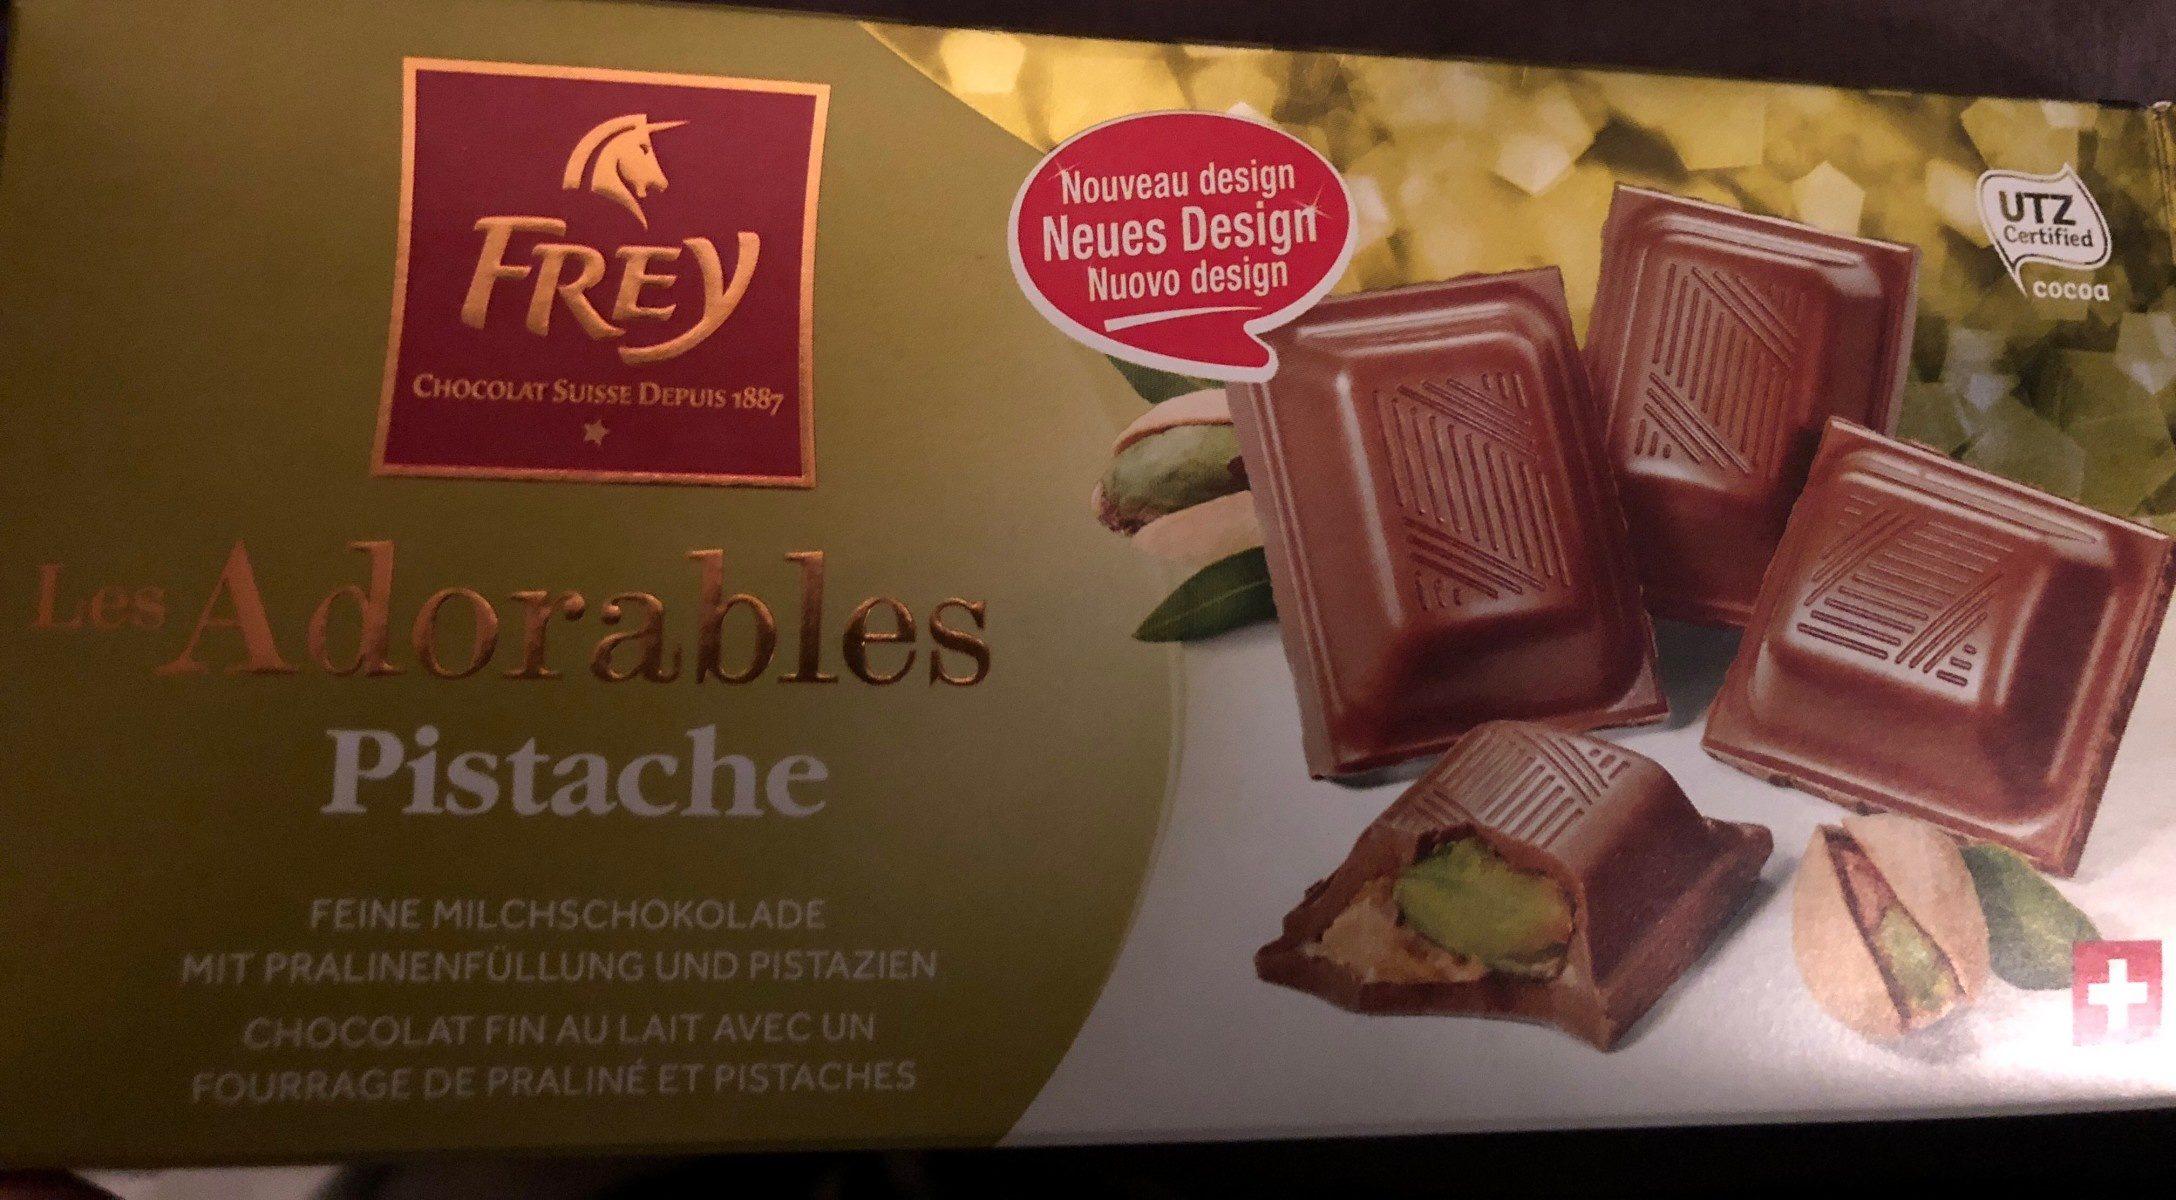 Les adorables pistache - Product - fr